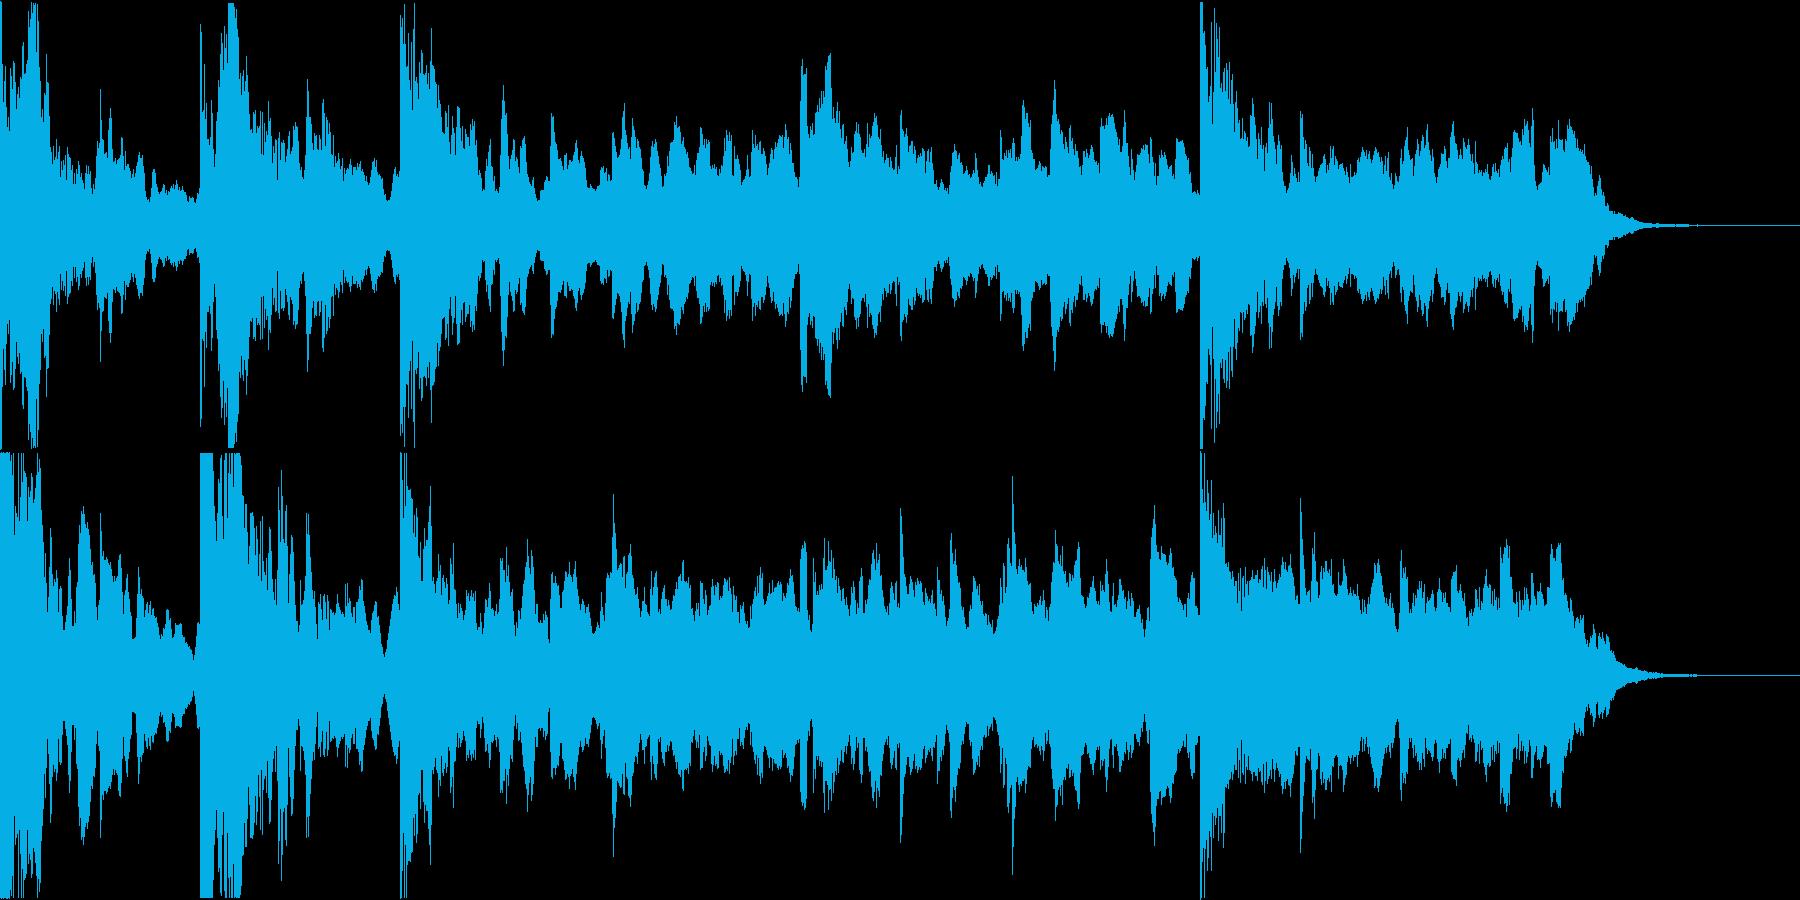 サスペンスなど静かで緊迫感のあるBGMの再生済みの波形